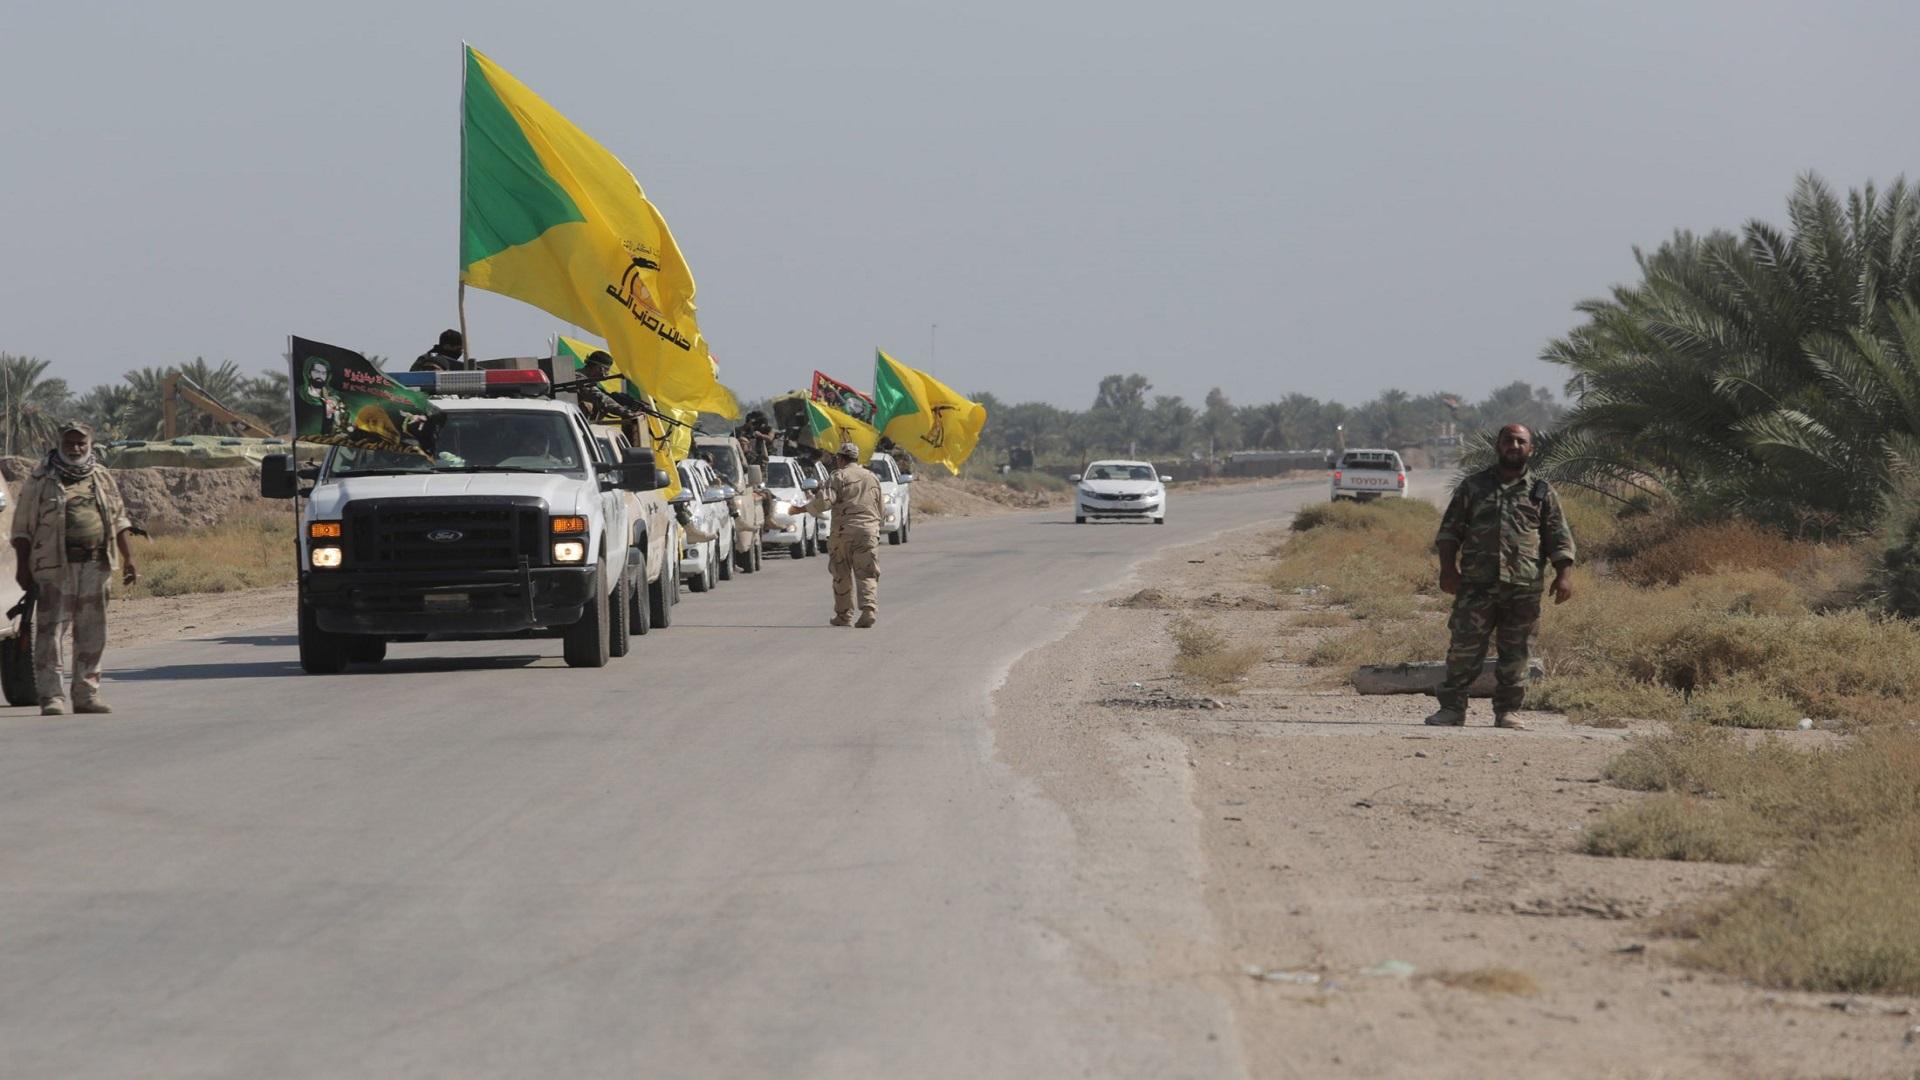 كتائب حزب الله: الحشد لن يُحل ولسنا طرفاً في مفاوضات السعودية